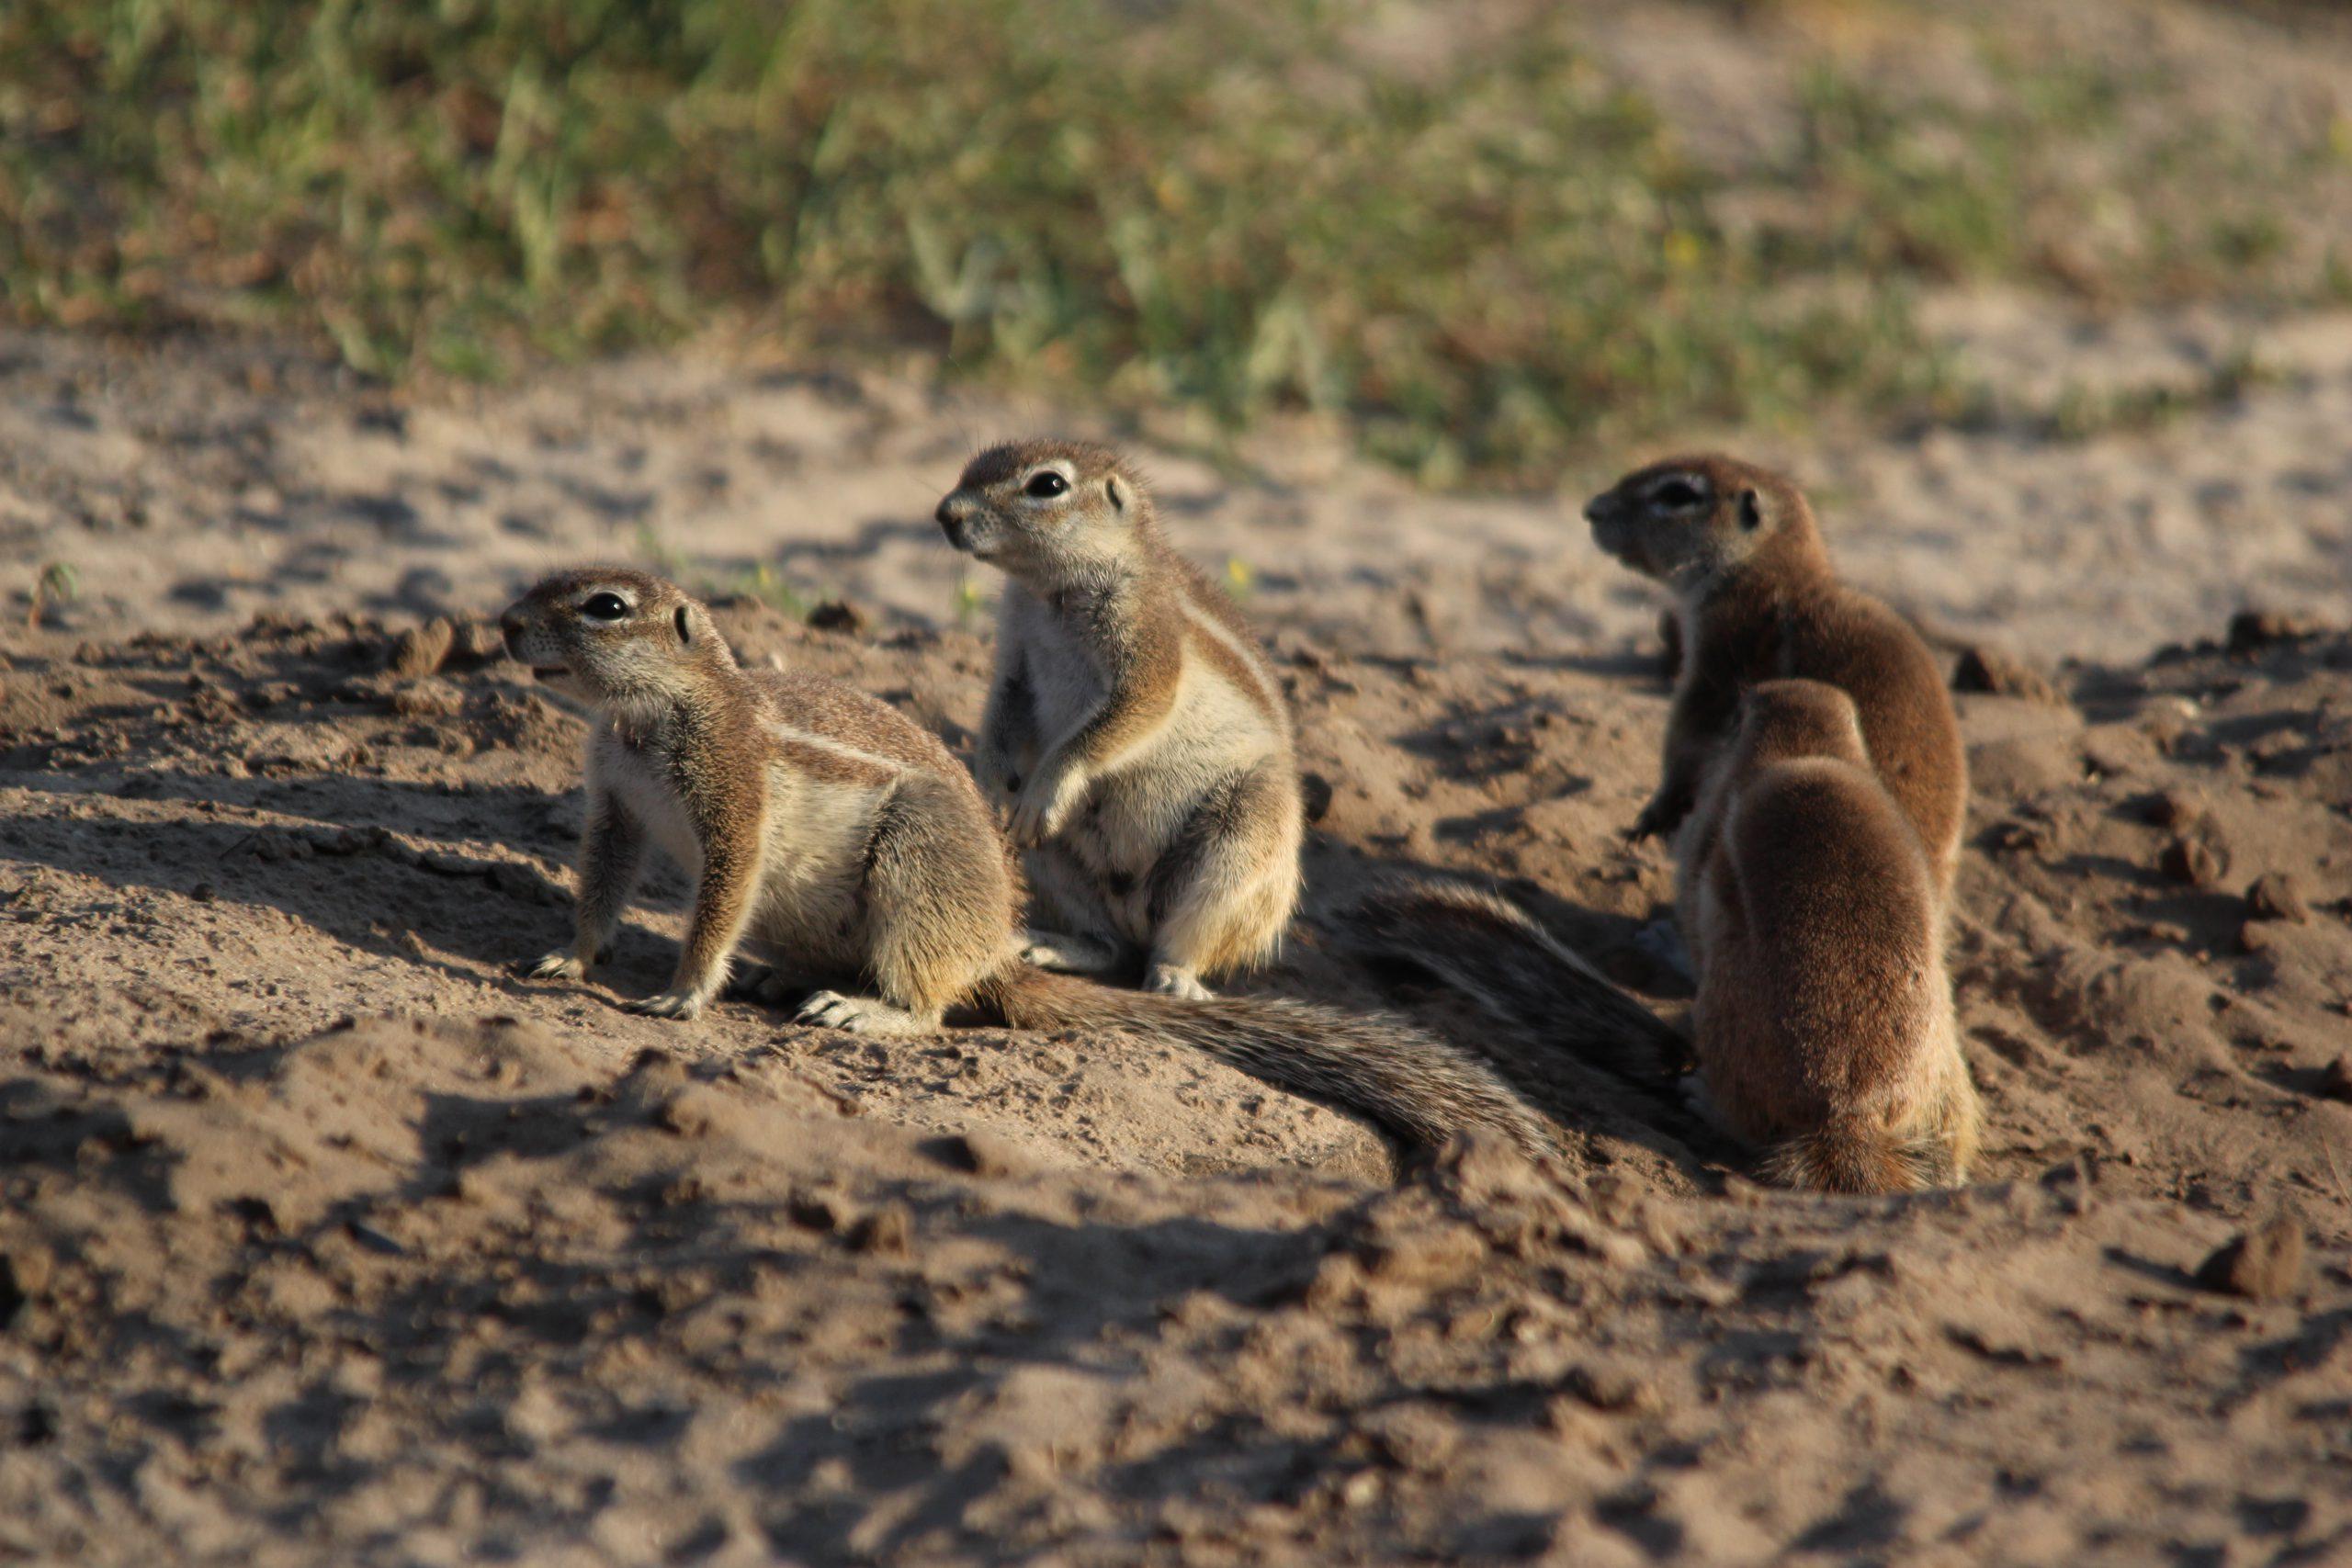 Grondeekhoorns in Khutse Game Reserve Botswana